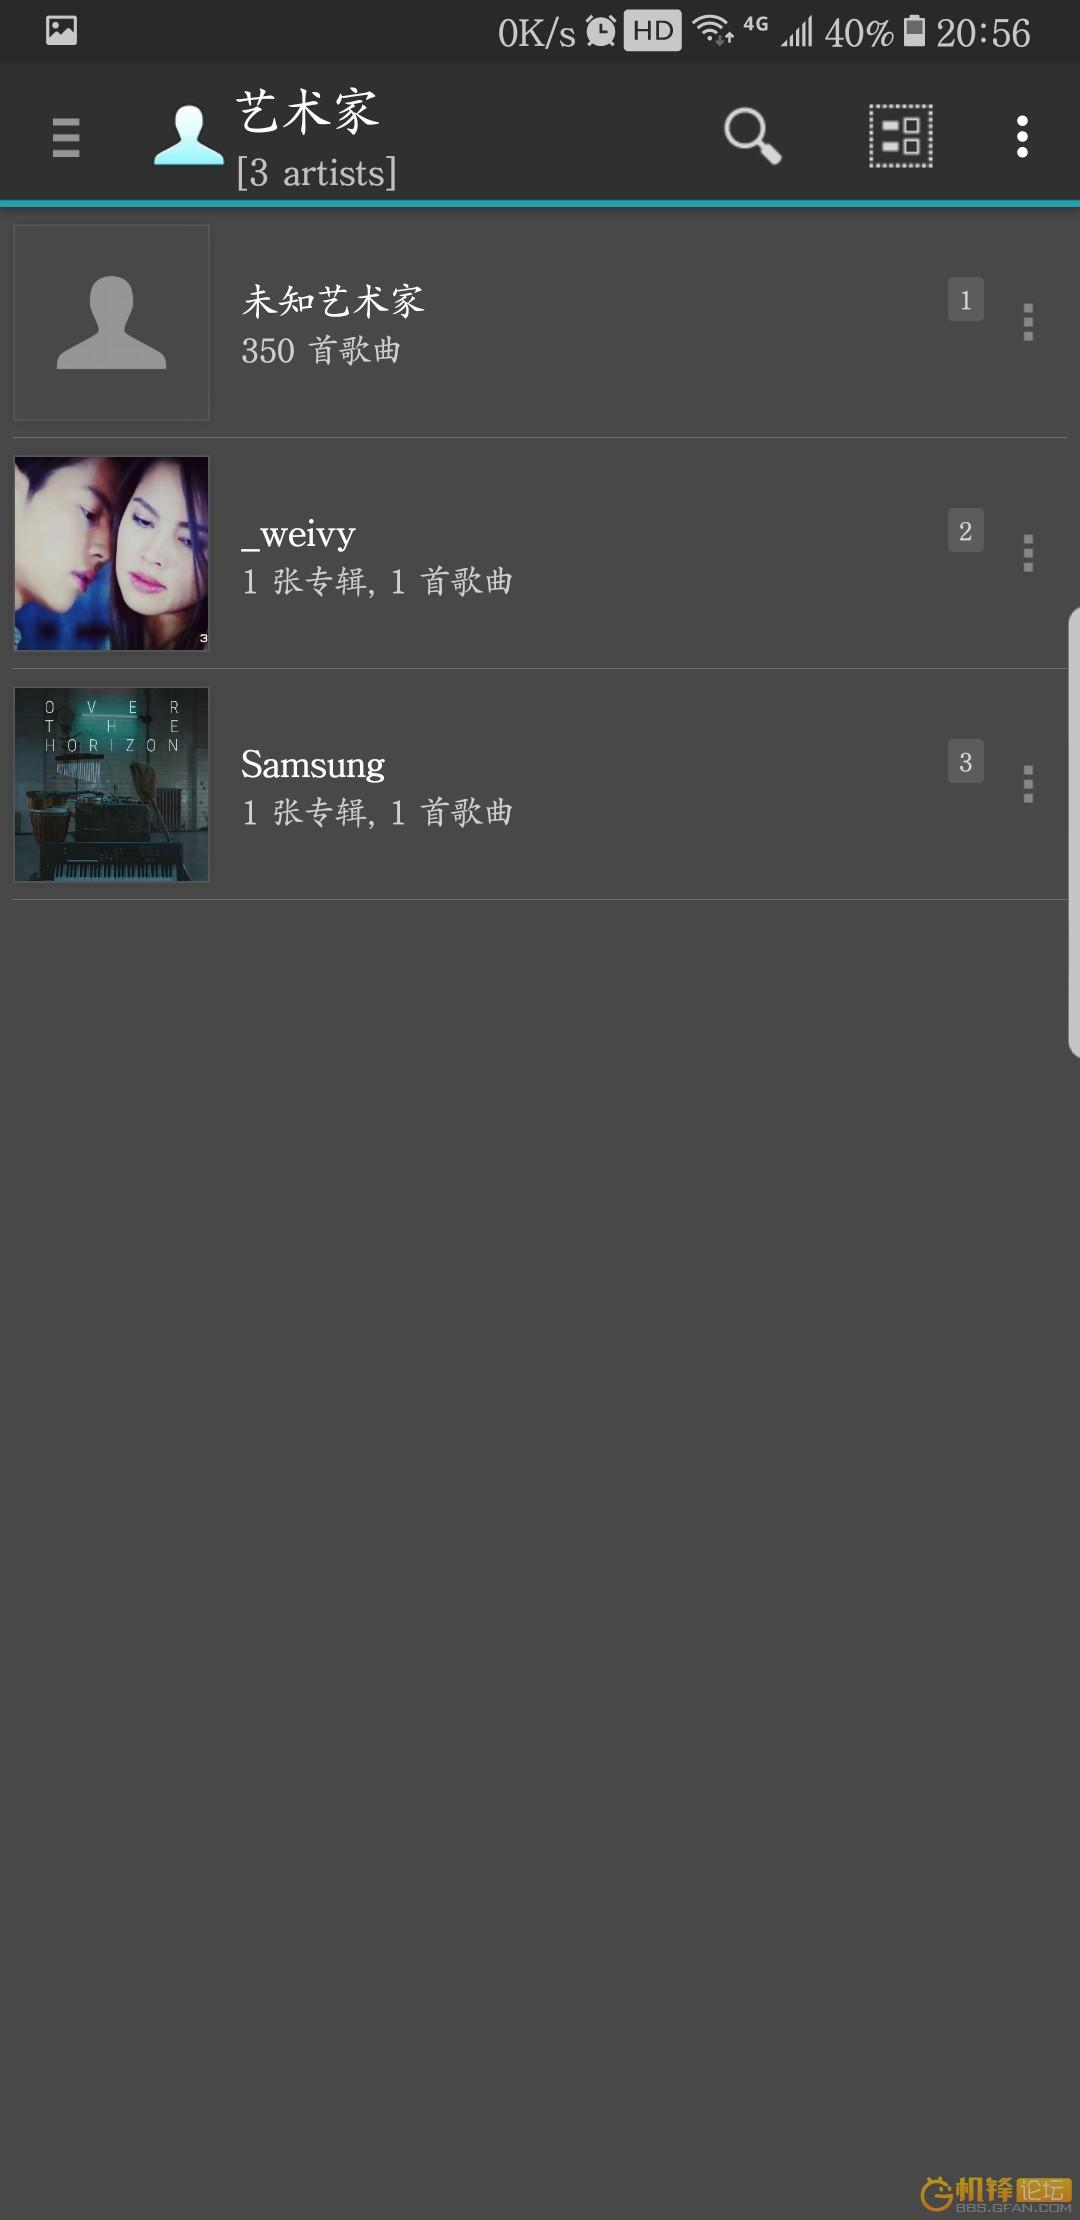 Screenshot_20180211-205612.jpg